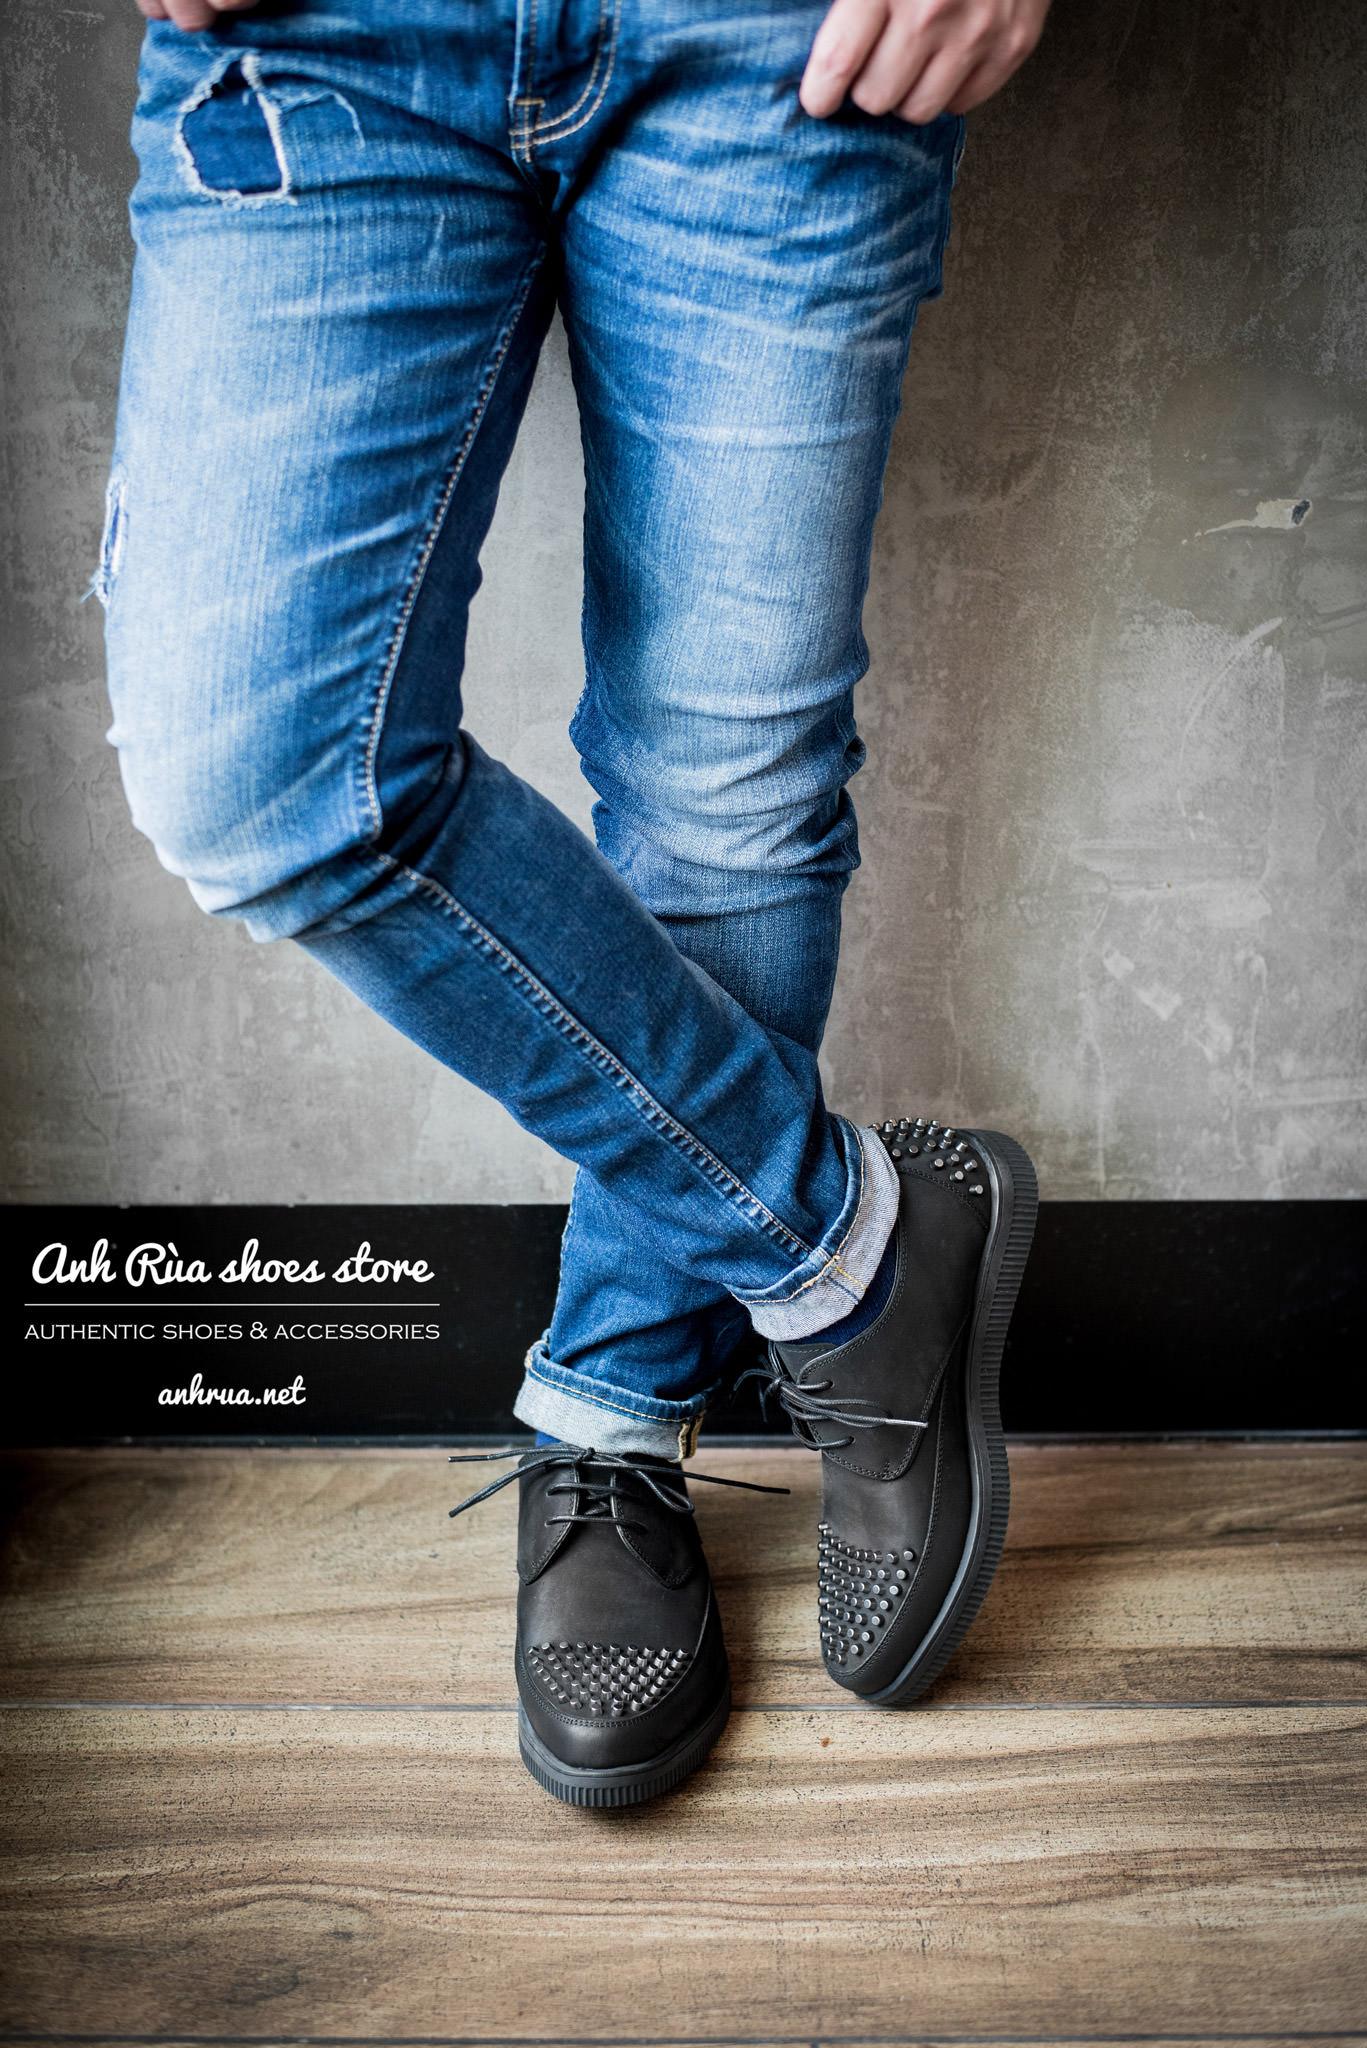 Da giày nubuck black